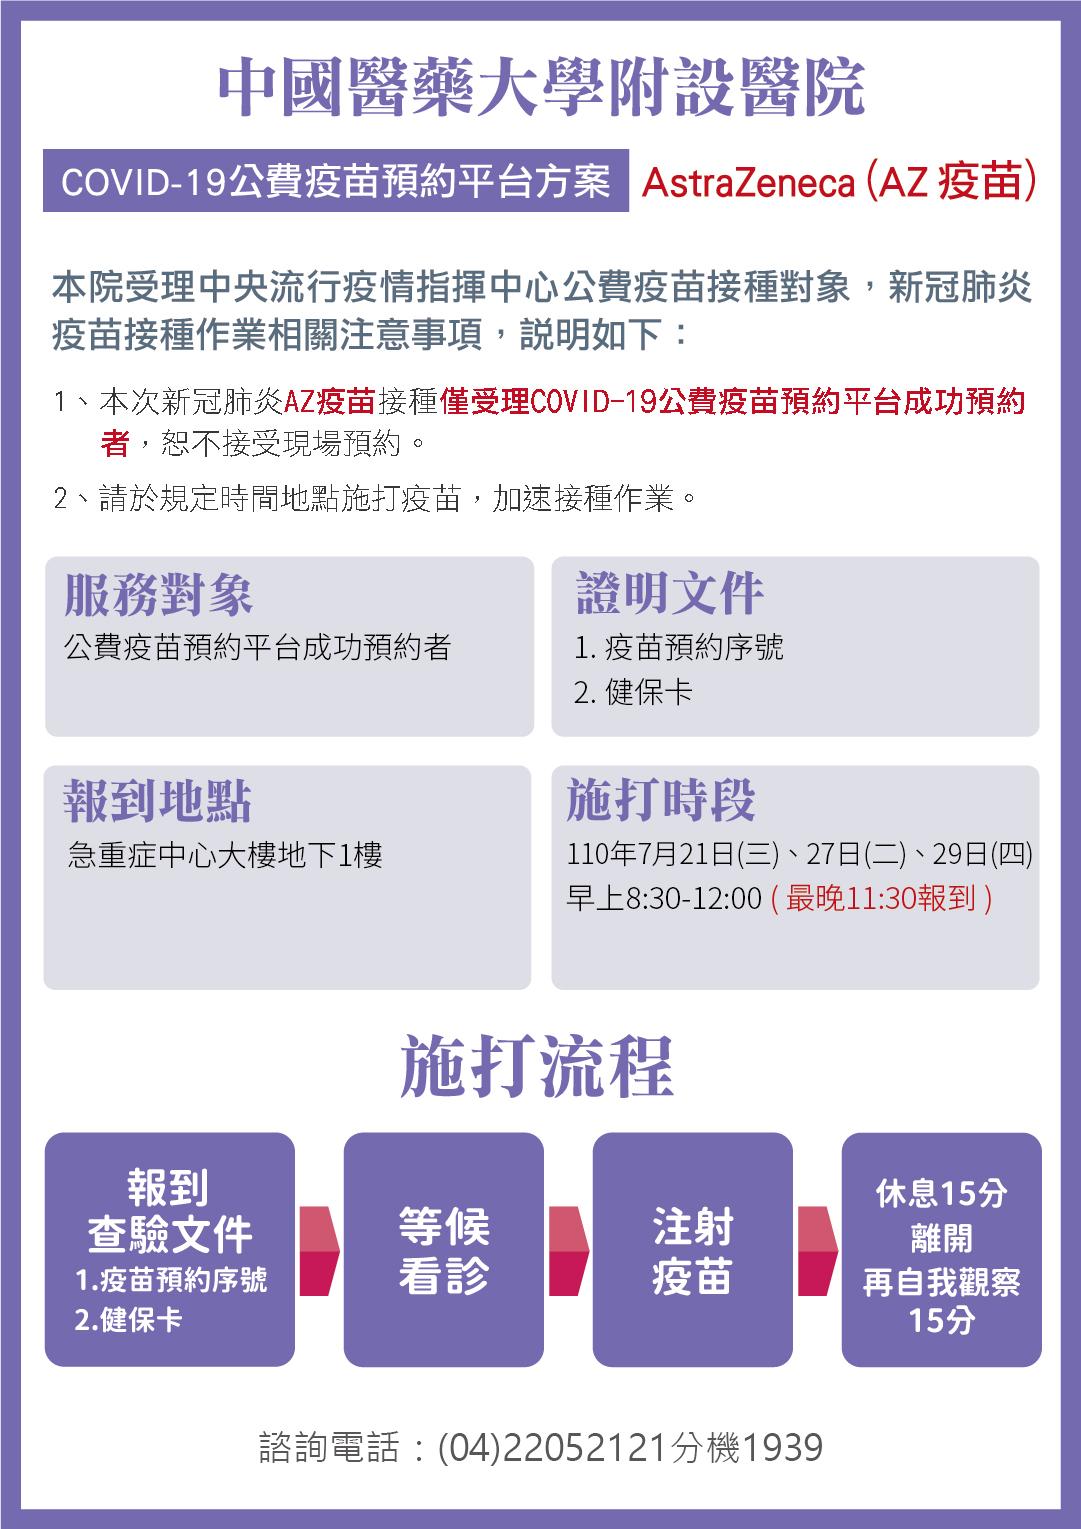 COVID-19公費AZ疫苗預約平台